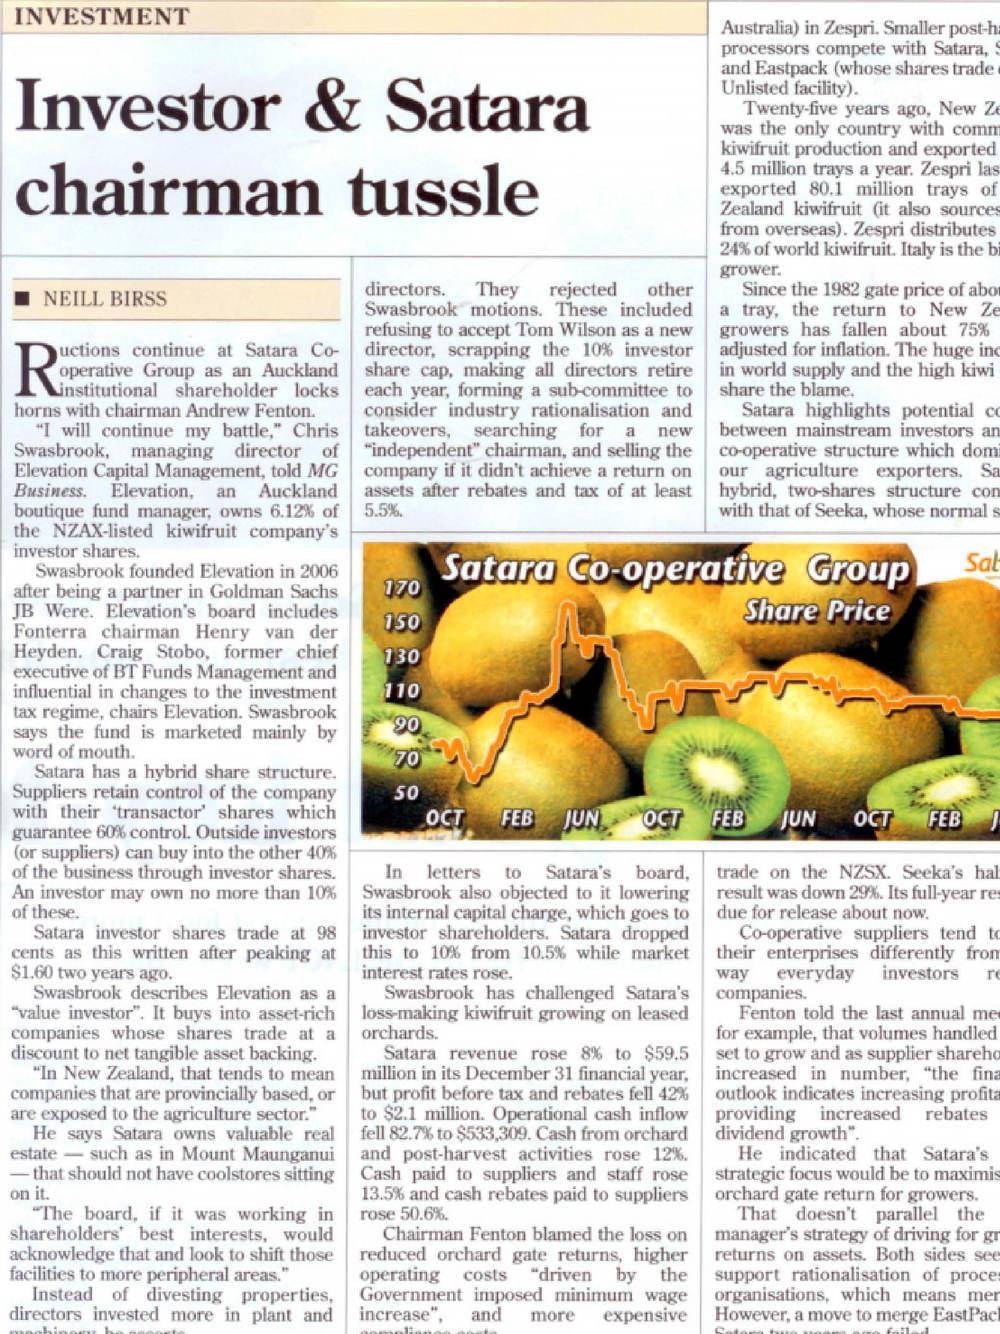 """Mercantile Gazette: """"Satara"""" - June 2008"""